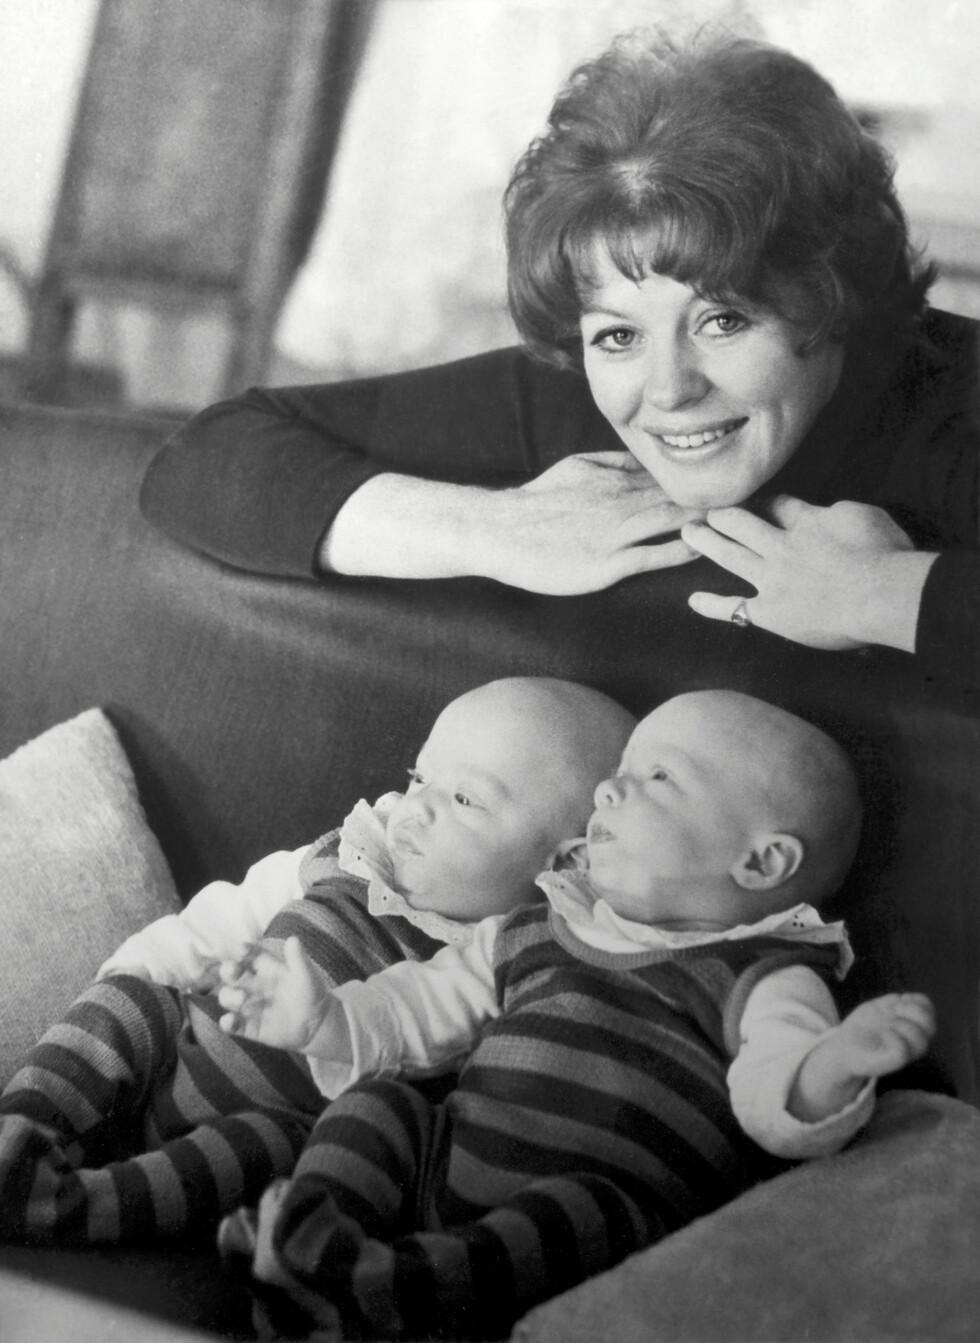 DOBBELT LYKKE: Det var ikke før under fødselen for 45 år siden at Kari Simonsen og ektemannen Peder Wright Cappelen fikk beskjed om at de skulle bli foreldre til to små krabater. Foto: Privat